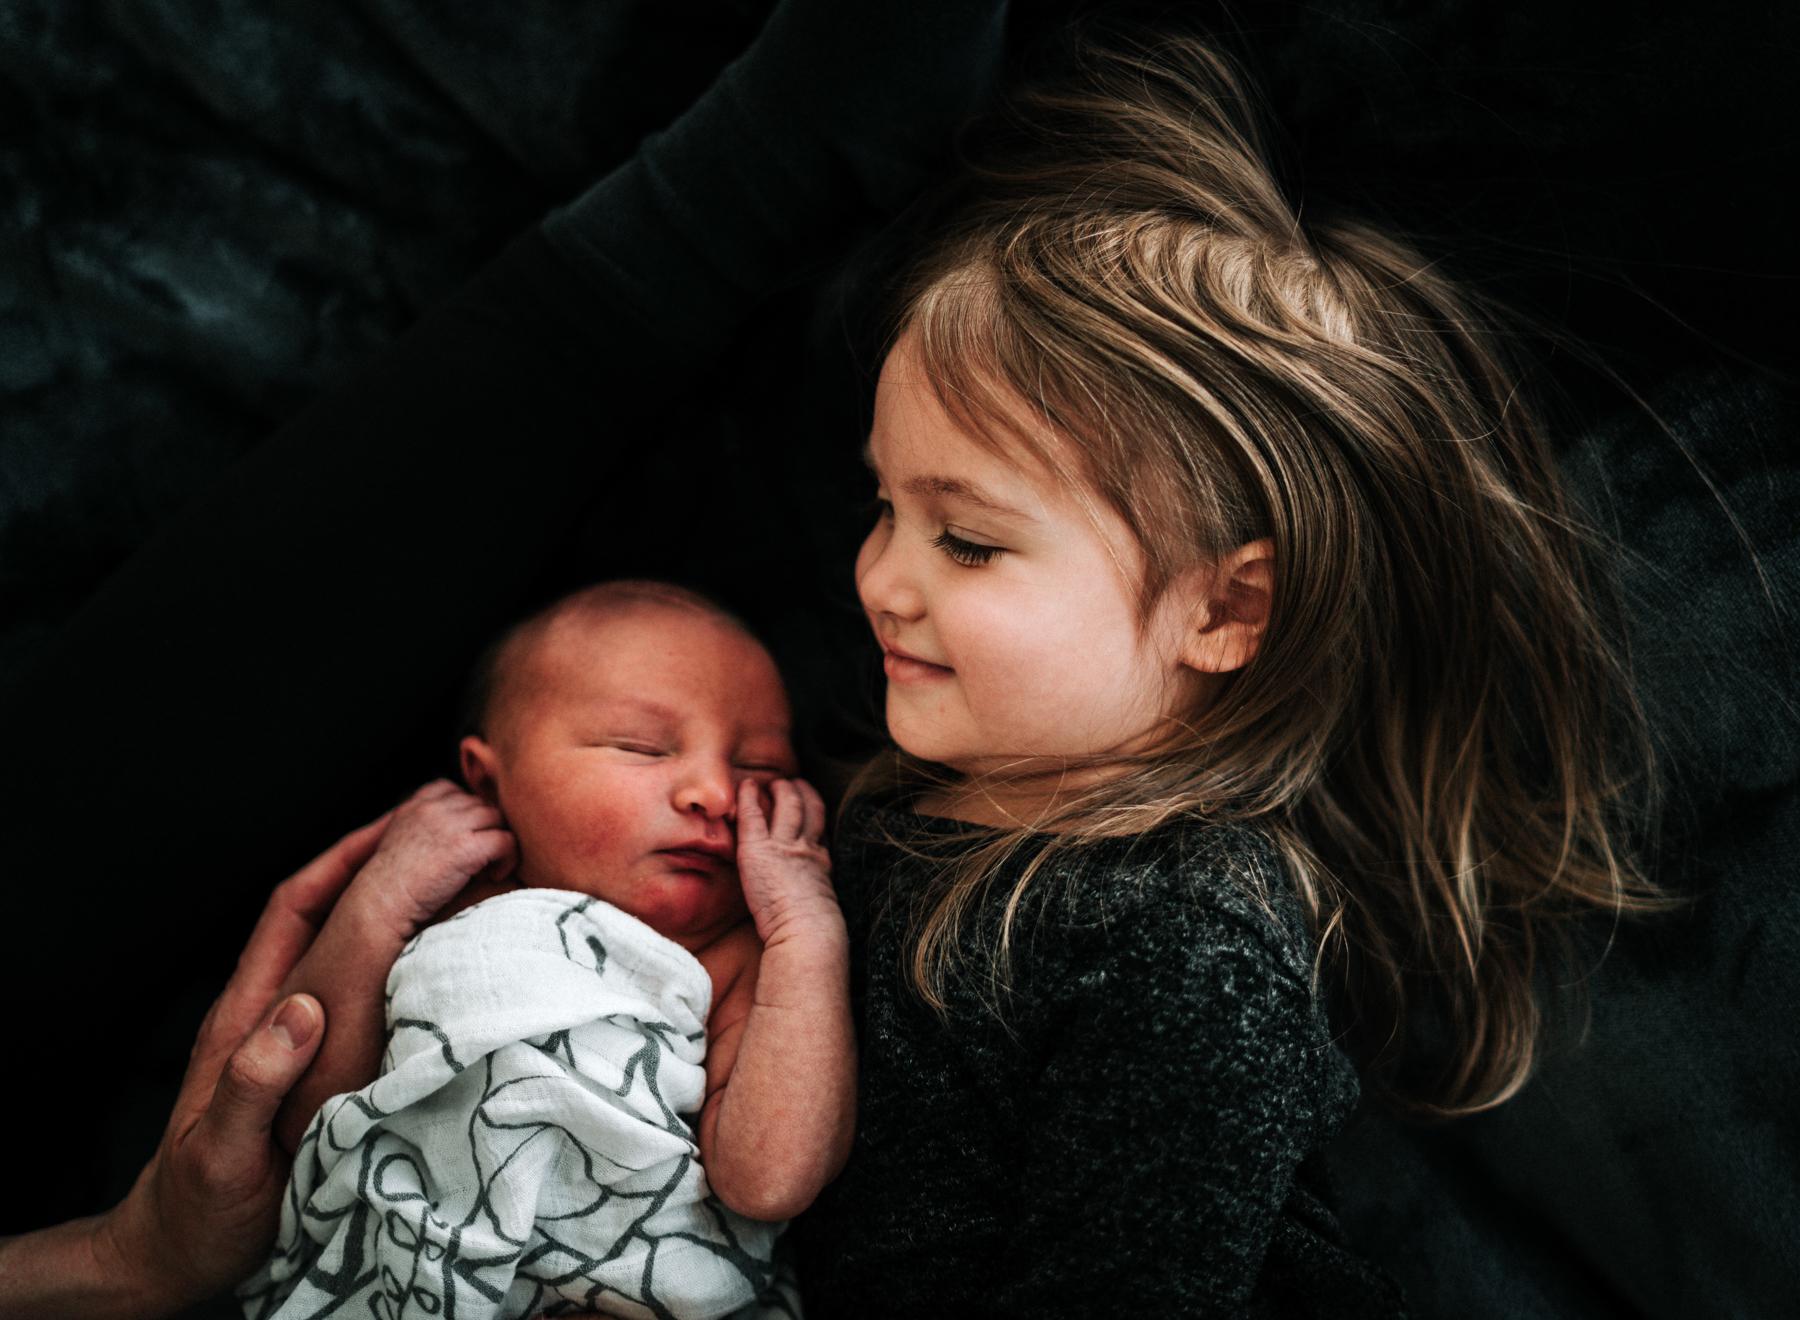 newbornphotographeranchoragemossandmyrrh2018283.jpg